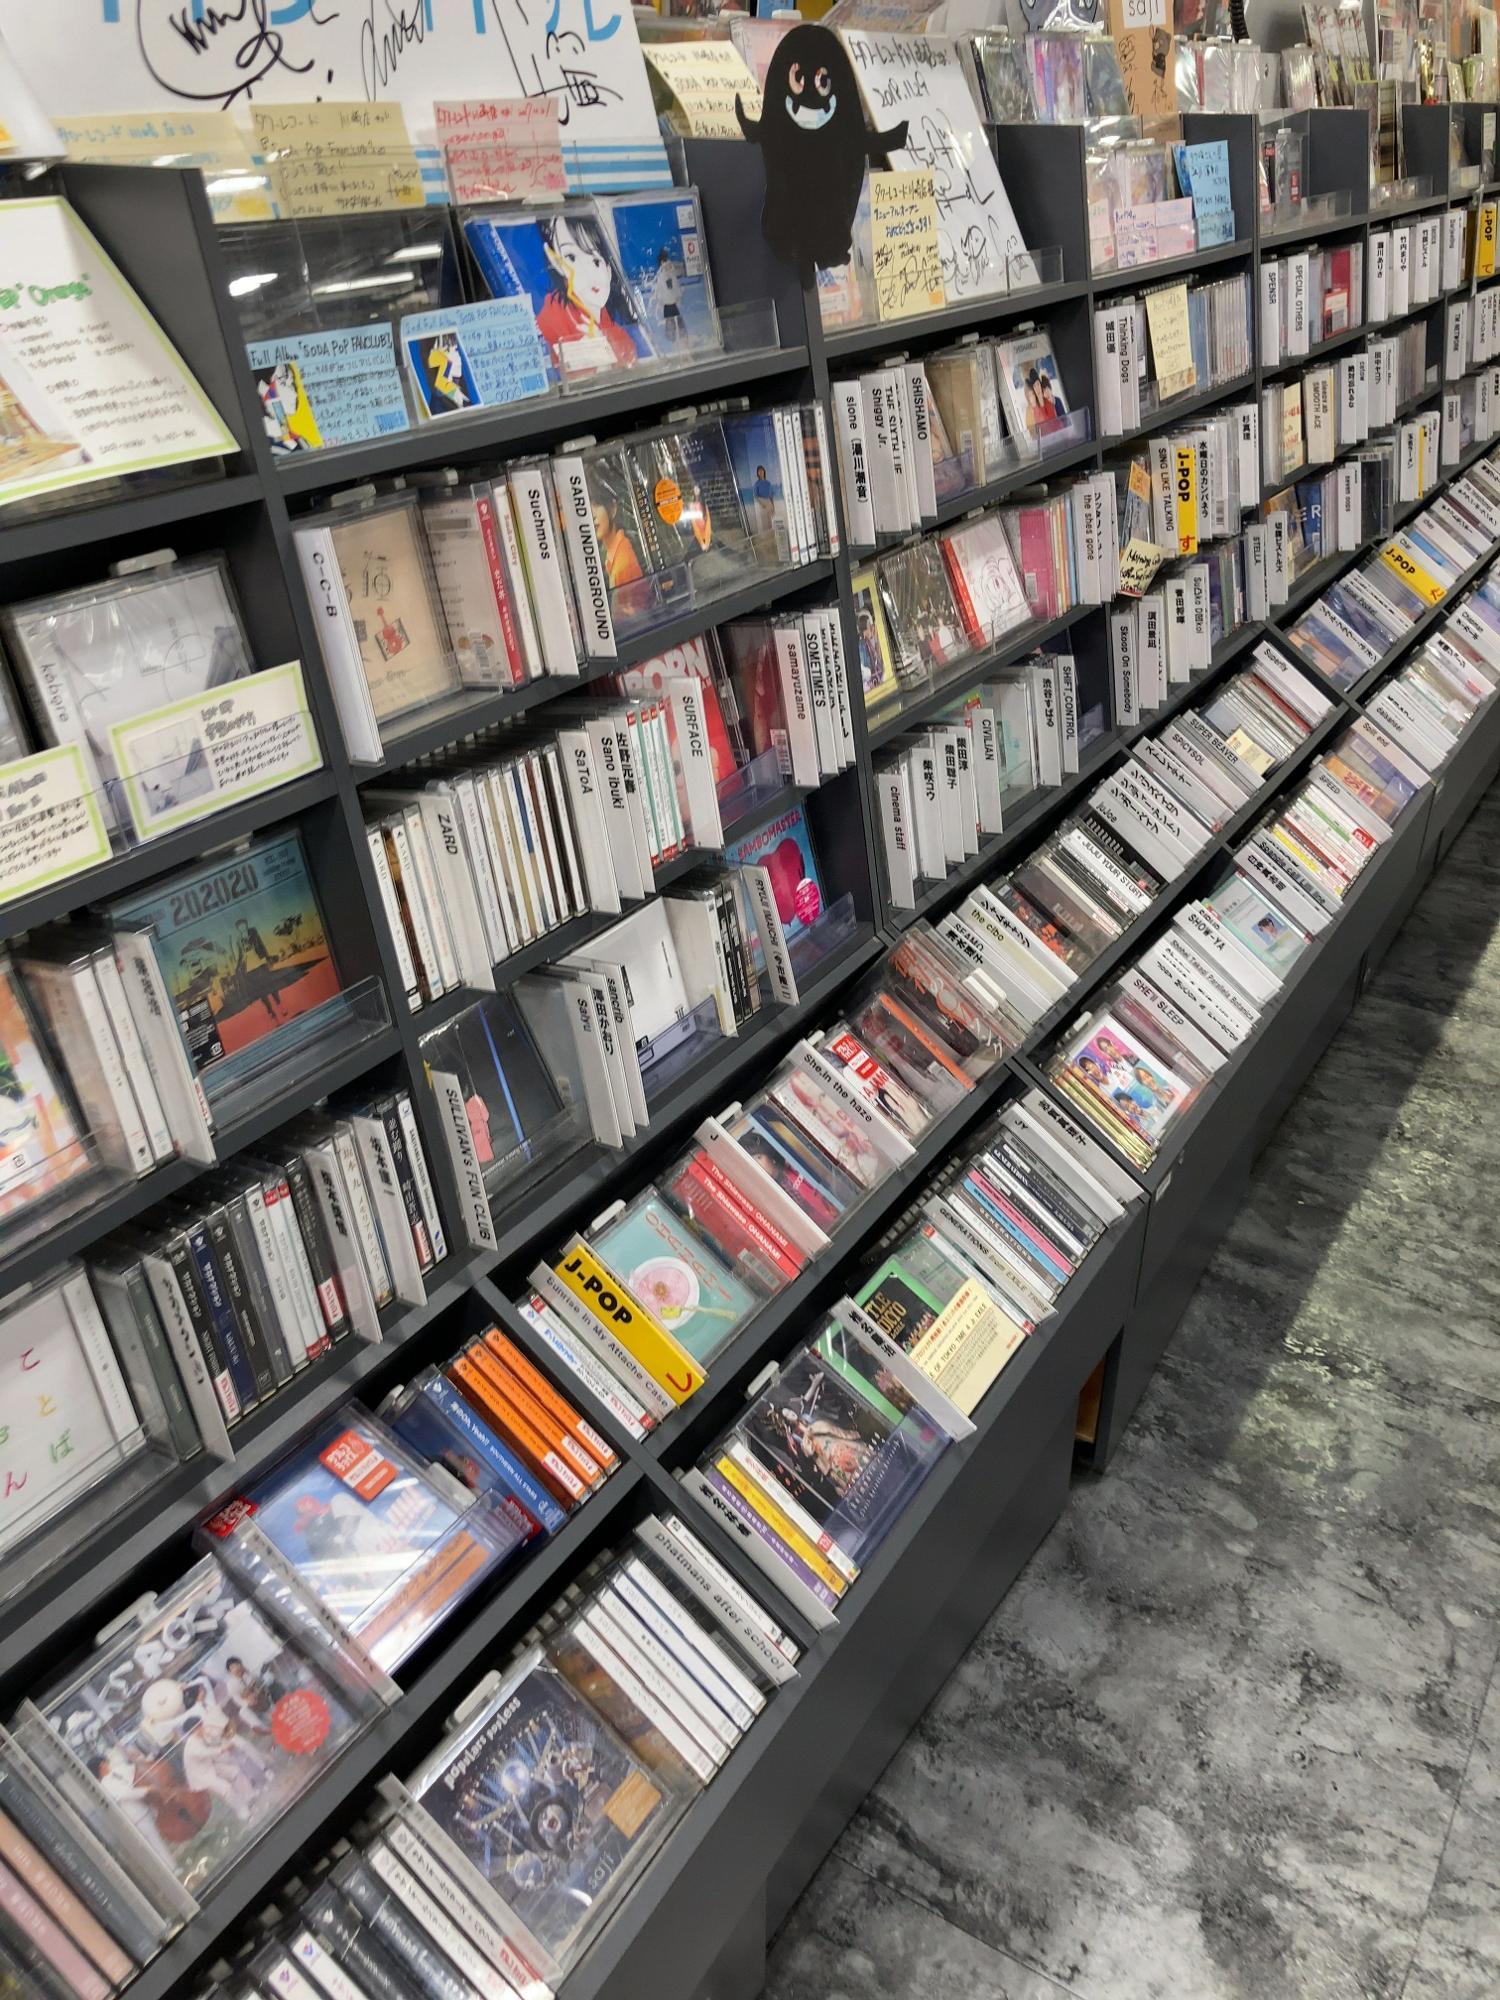 邦楽から洋楽まで。ロックからジャズまで様々な種類のCDが並んでいます。